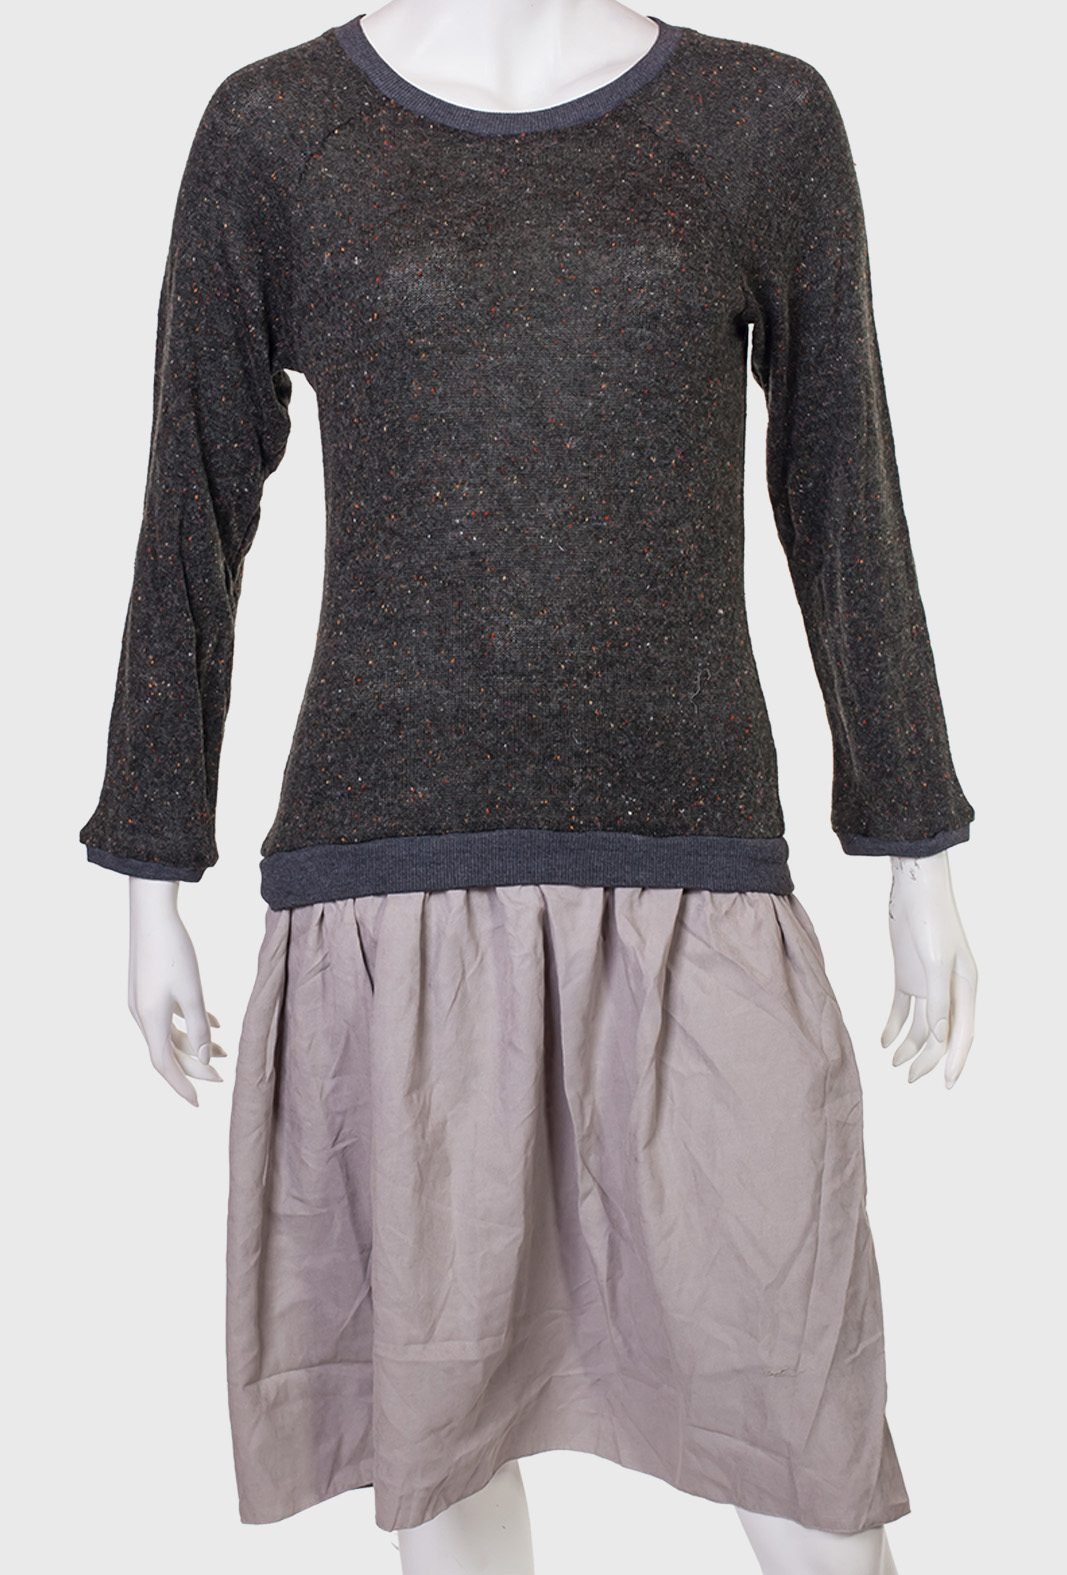 Купить привлекательное платье комбинированного пошива